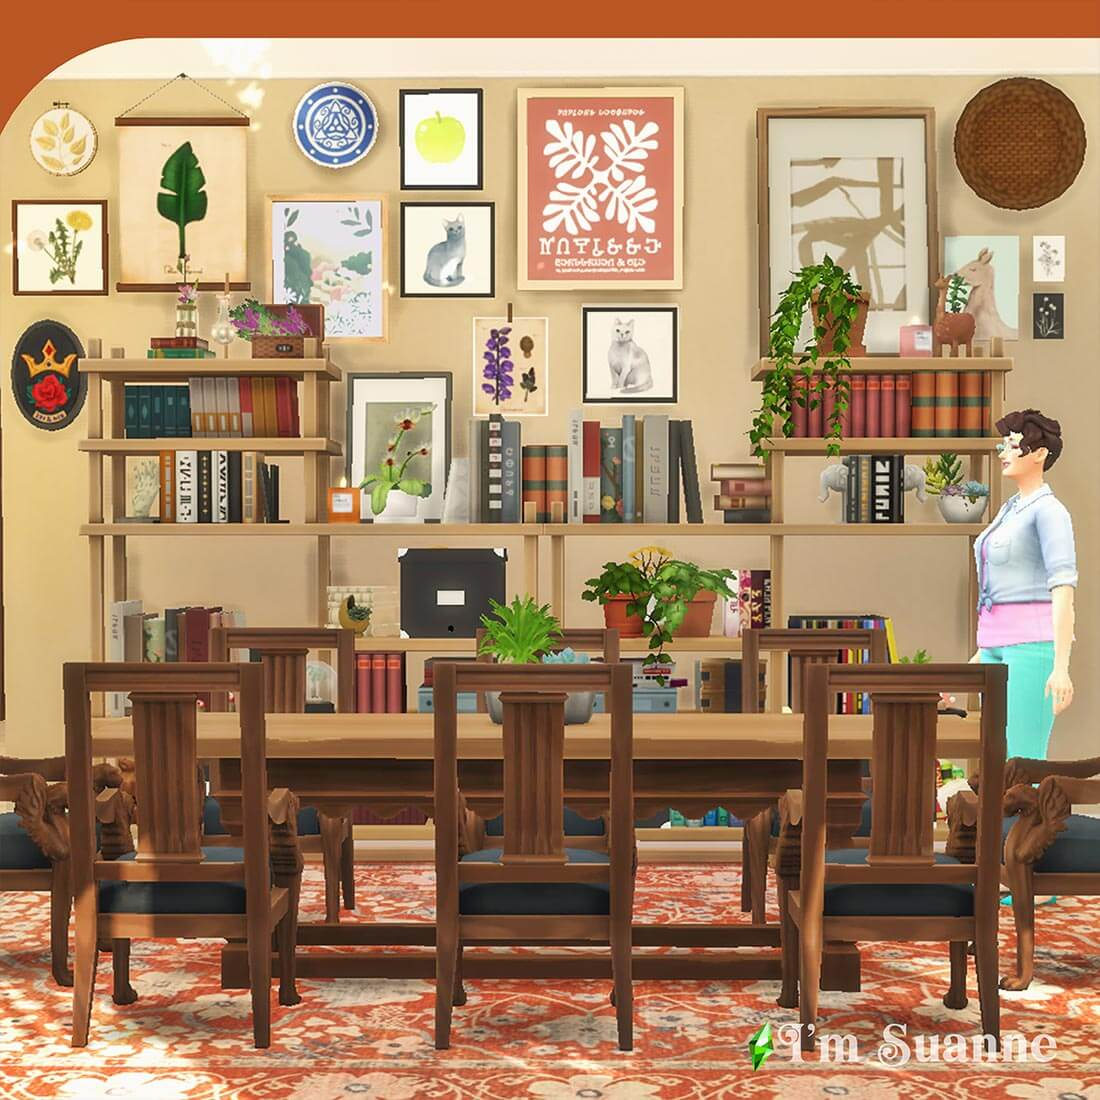 sarah-sim-tarzana-dining-room